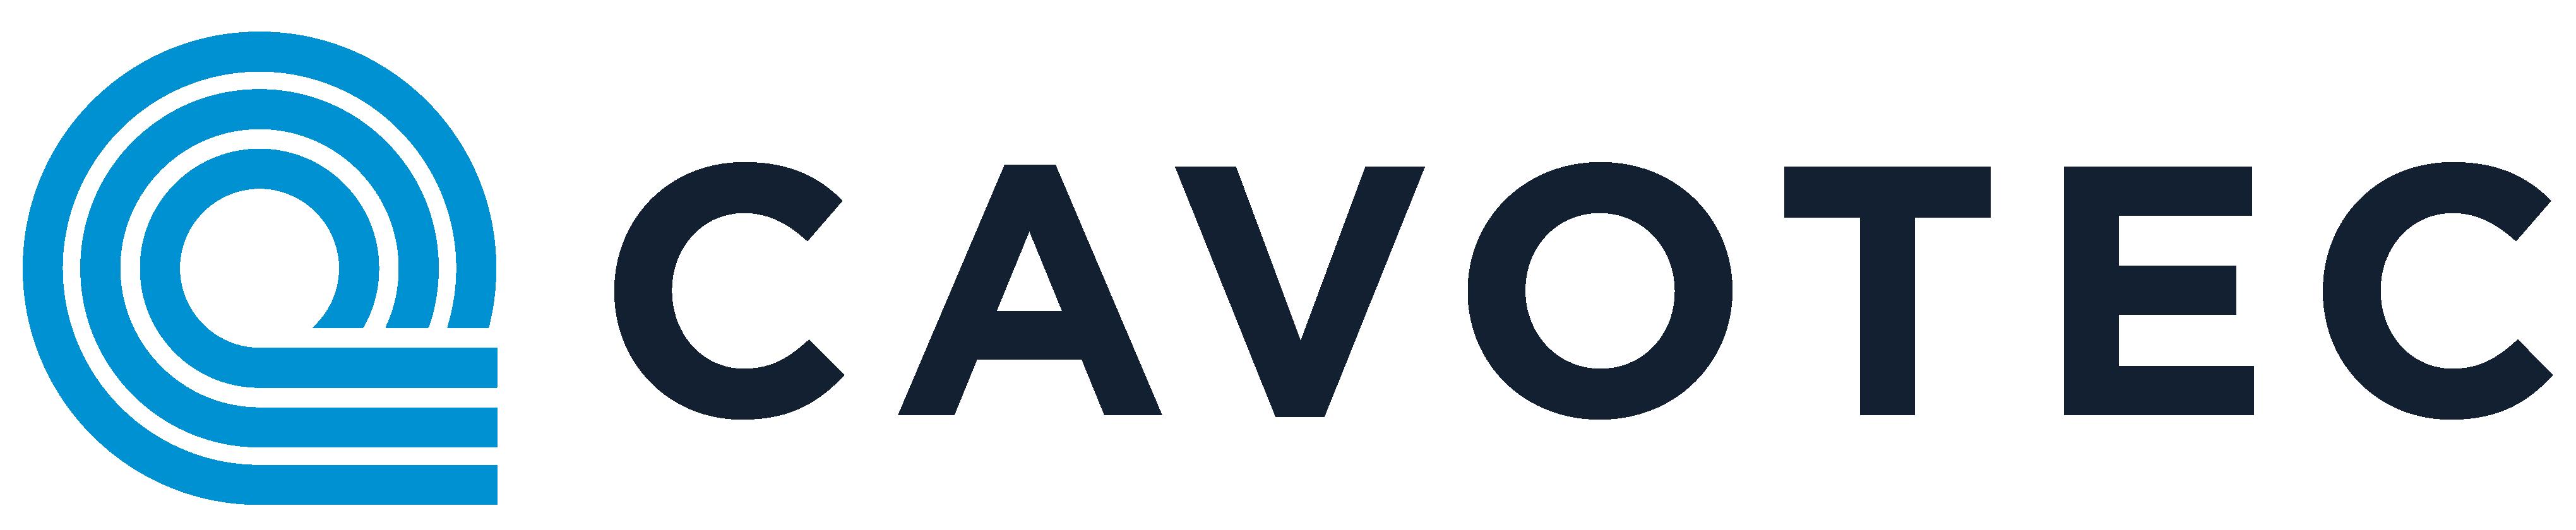 Cavotec